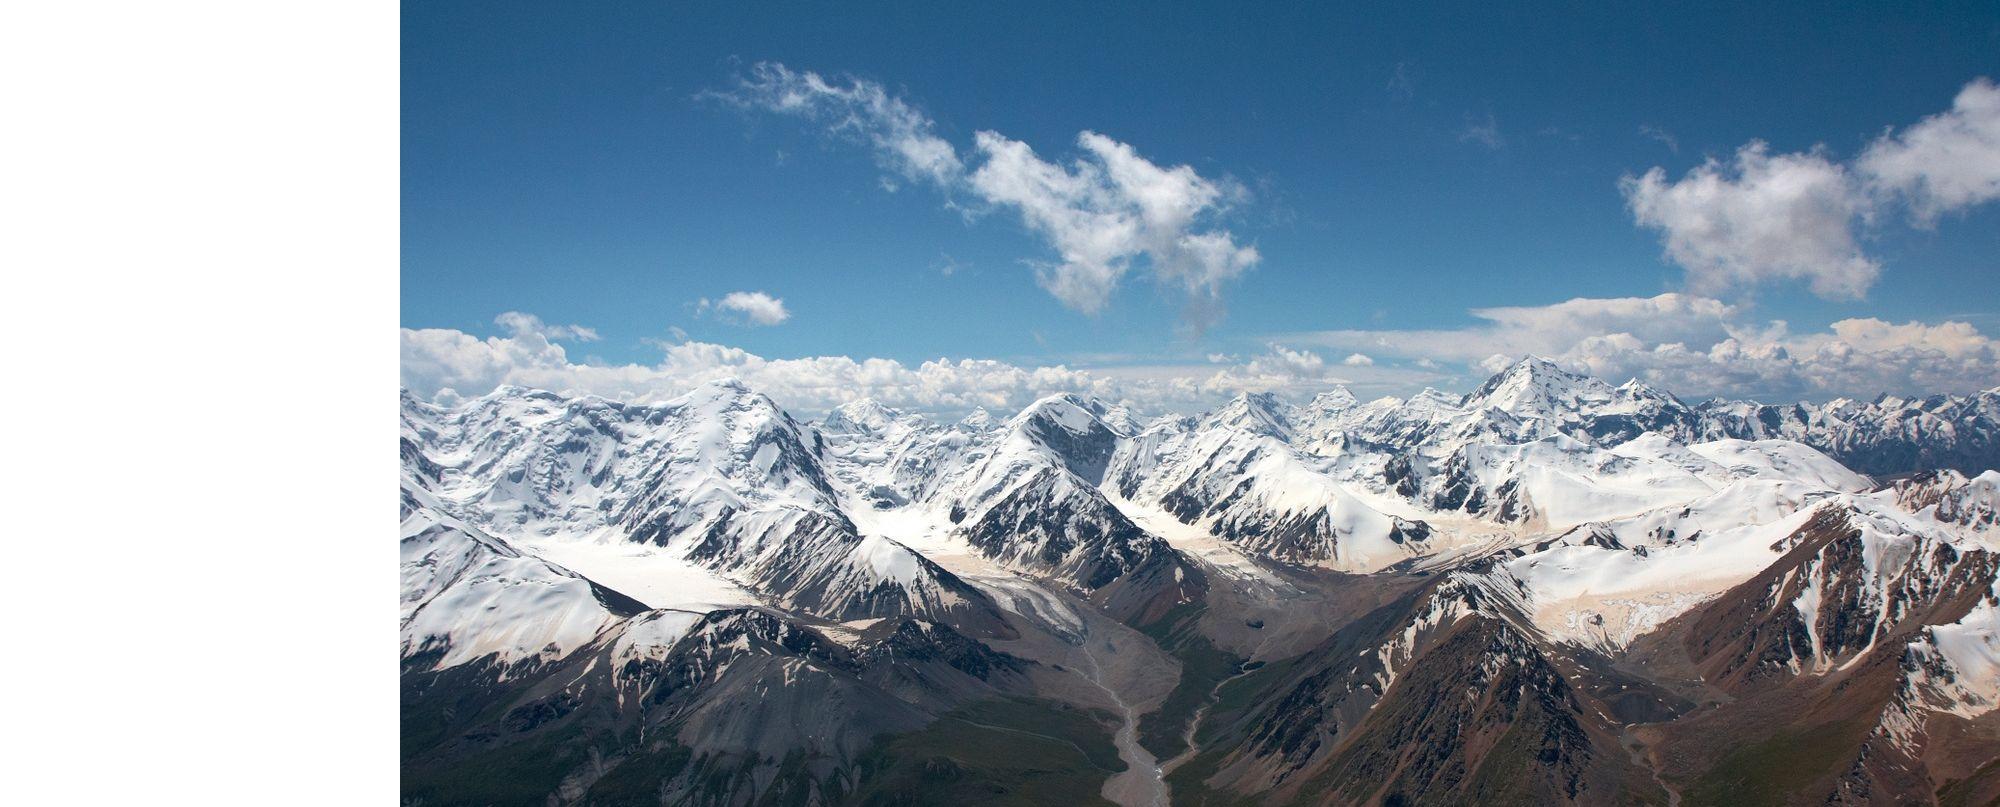 KYRGYZSTÁN. Trekking hasta el corazón del Tien Shan